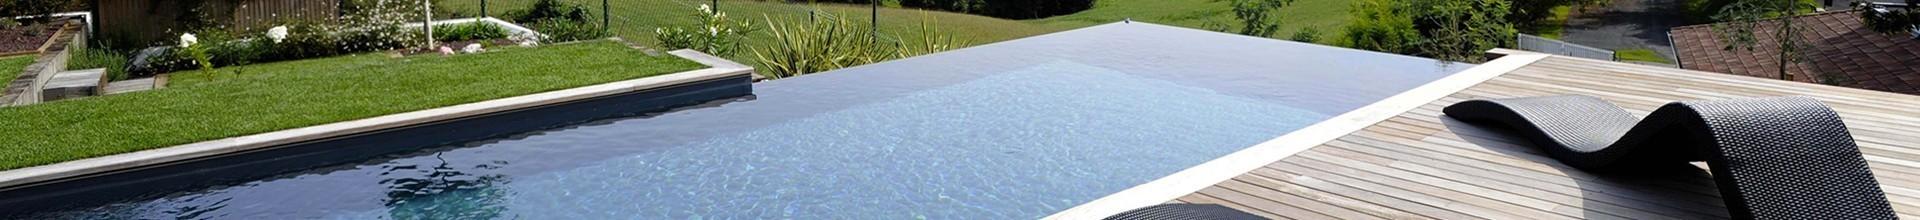 Tarn-et-Garonne Occitanie nettoyage d'une piscine en béton